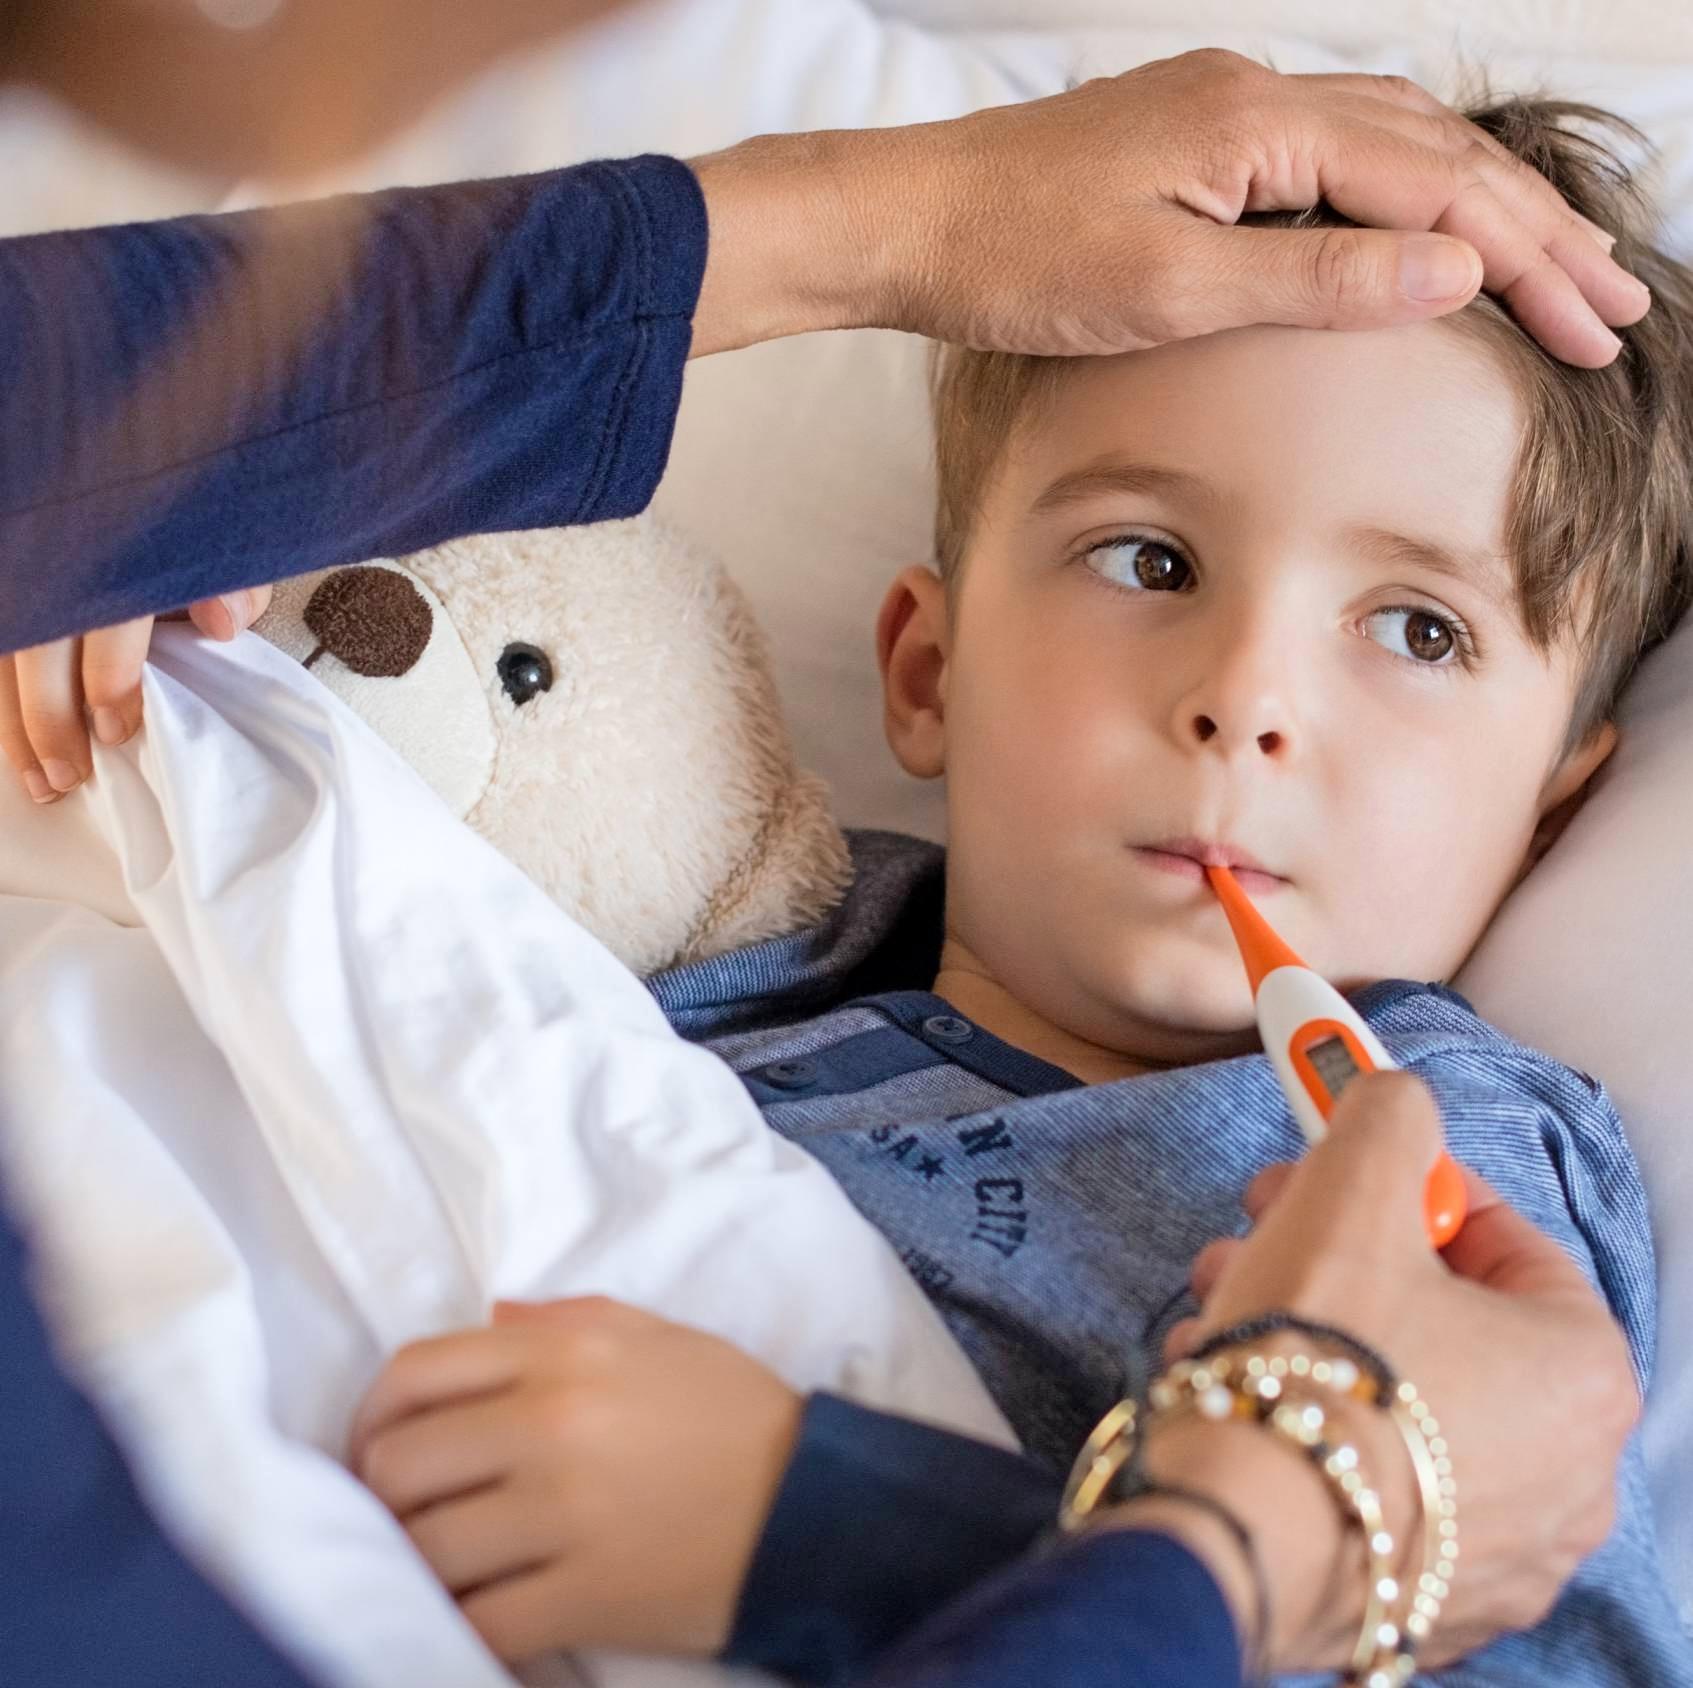 Wenn Kinder eine echte Grippe bekommen, können völlig untypische Symptome wie Durchfall oder Bauchschmerzen auftreten. Foto: Rido/stock.adobe.com